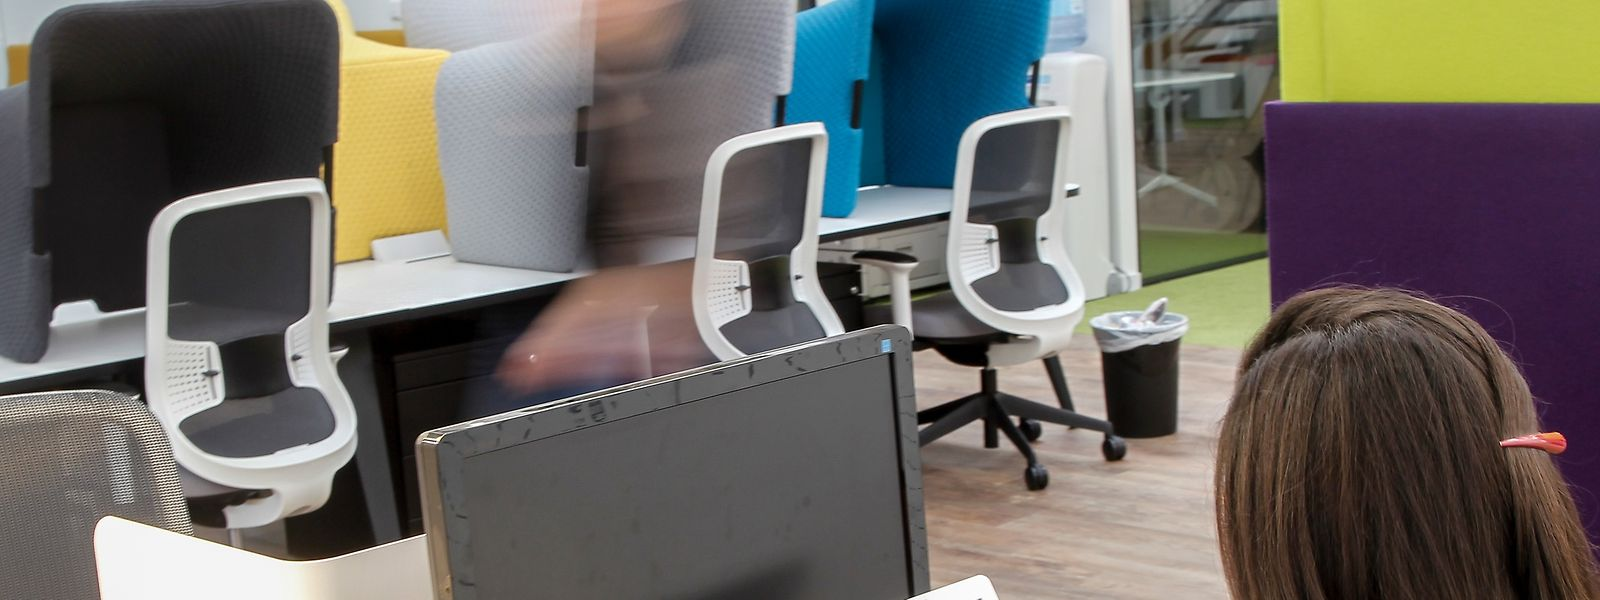 59 Prozent der Unternehmen im Großherzogtum haben Schwierigkeiten bei der Einstellung von qualifizierten IT-Fachkräften.